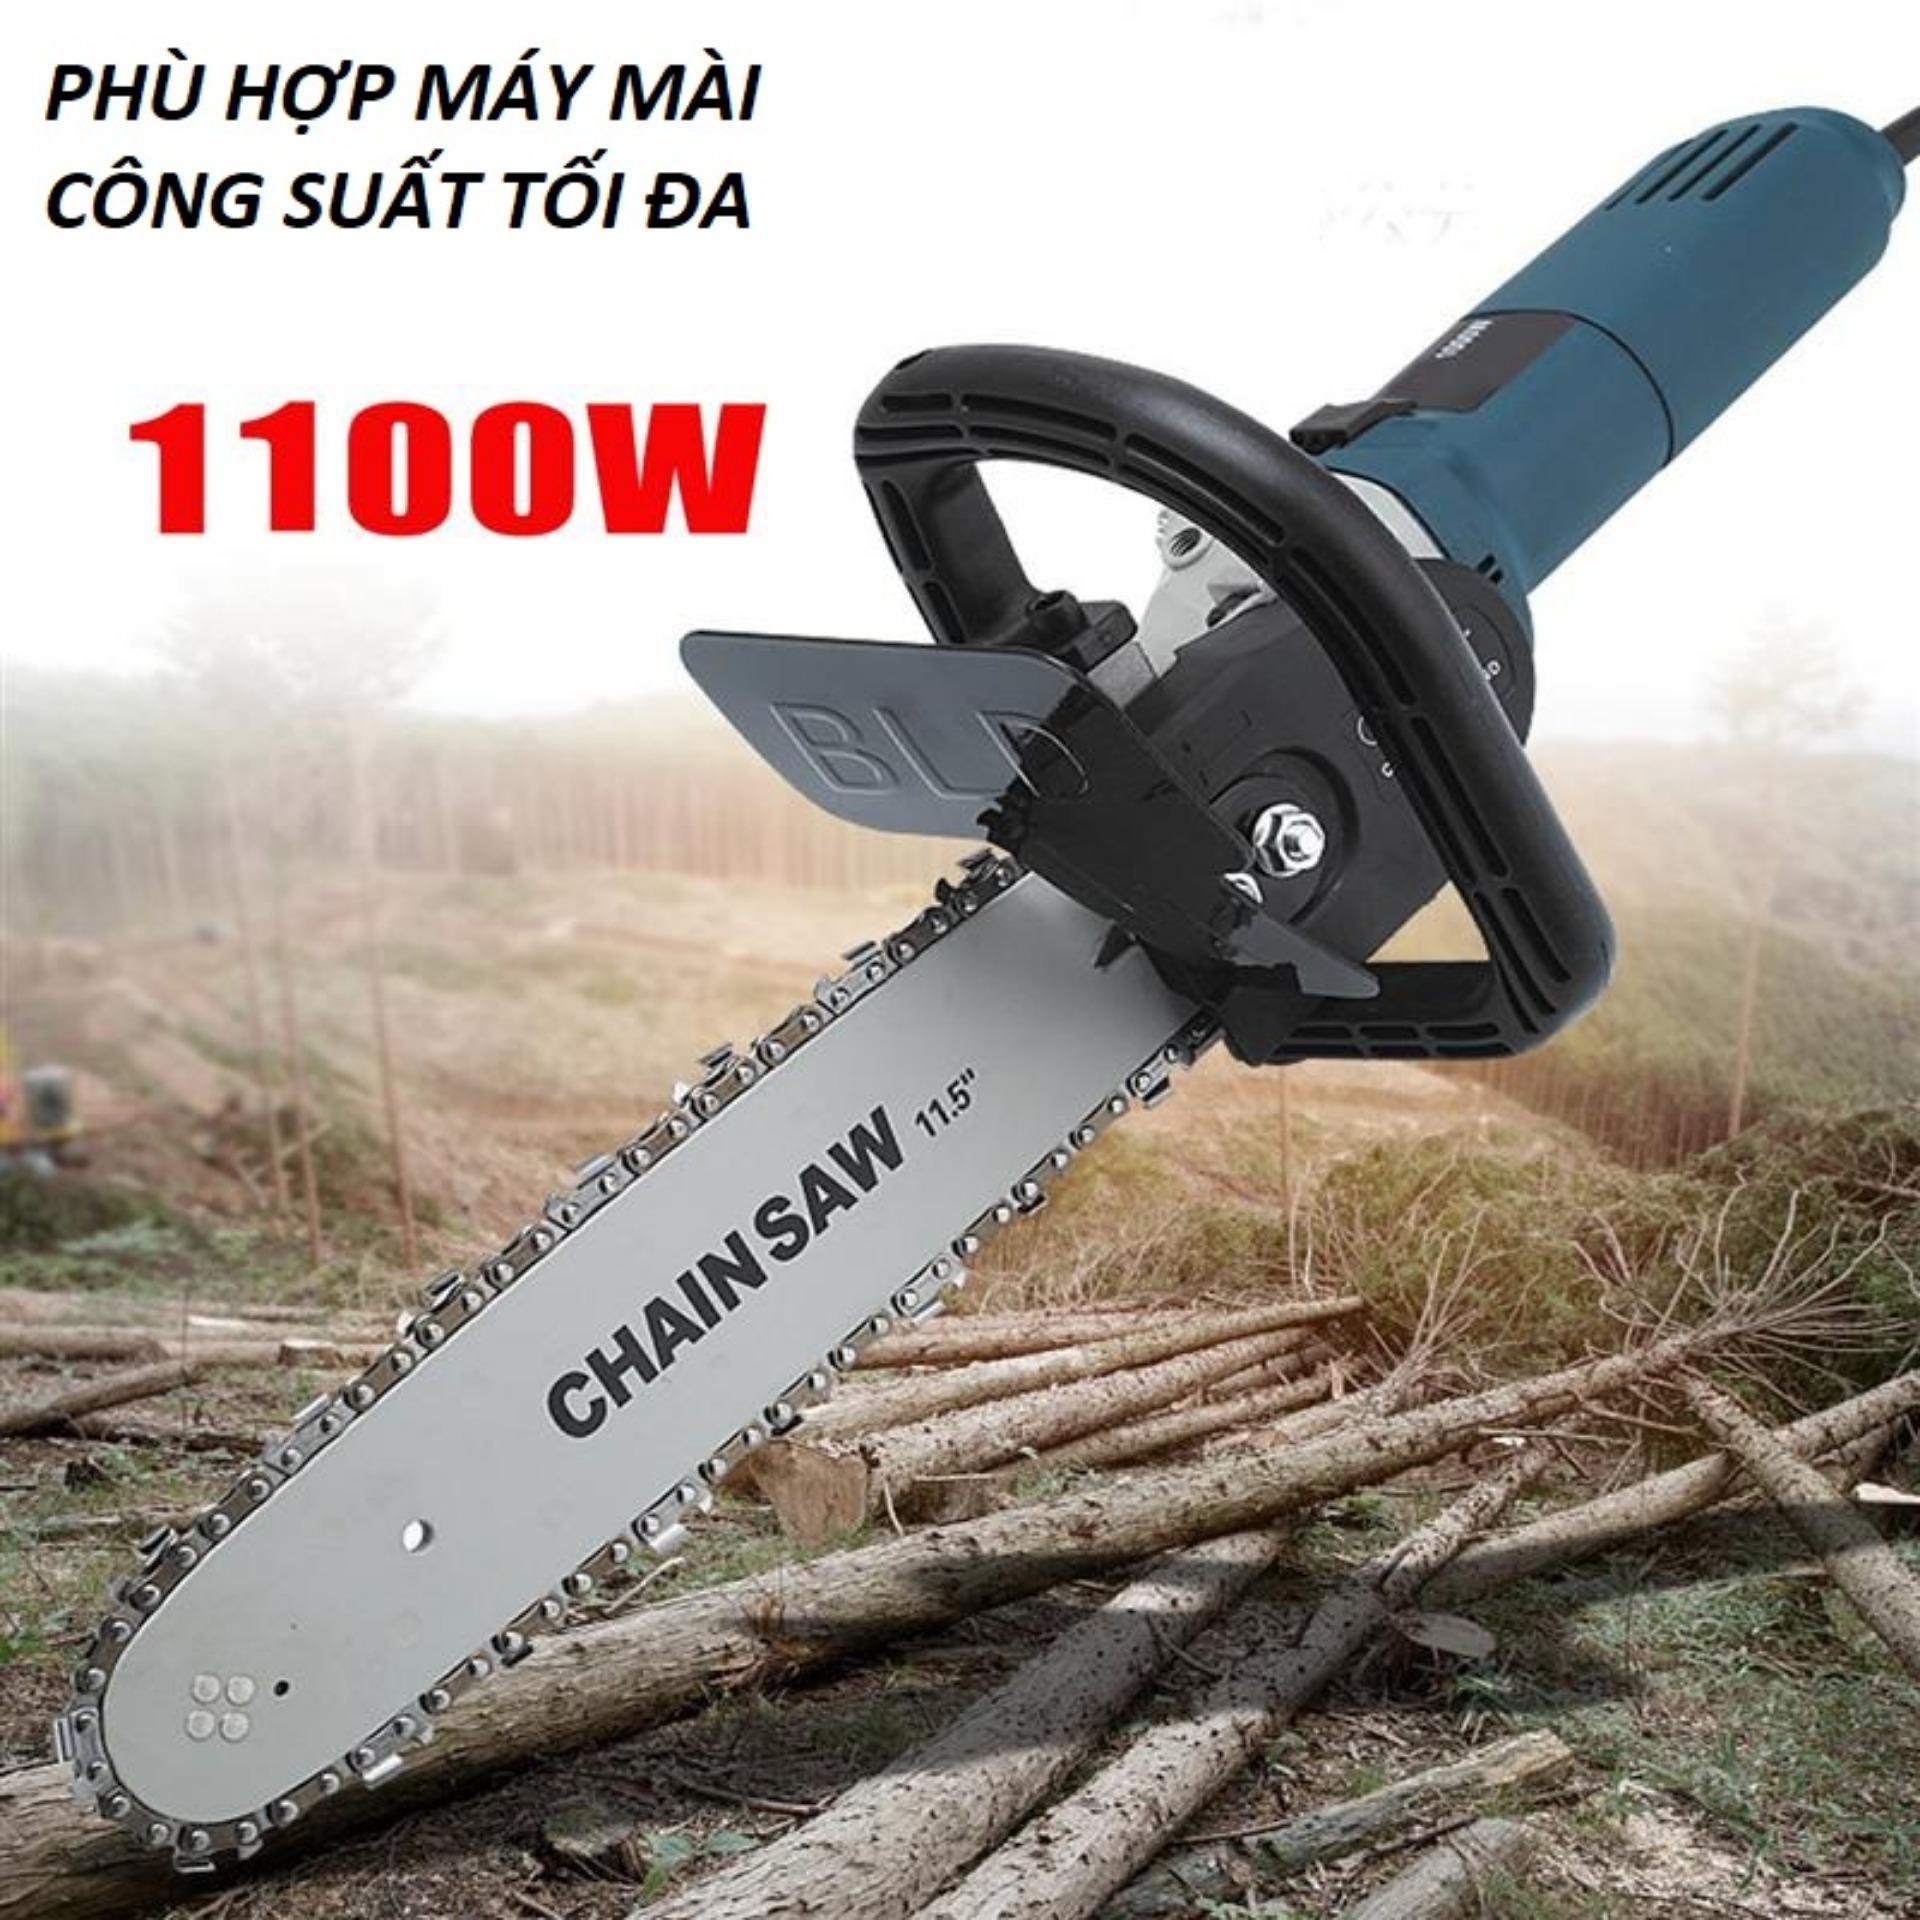 Hình ảnh Bộ lam cưa xích dùng cho máy mài cắt cầm tay giá rẻ - phụ kiện của cưa tay cắt gỗ